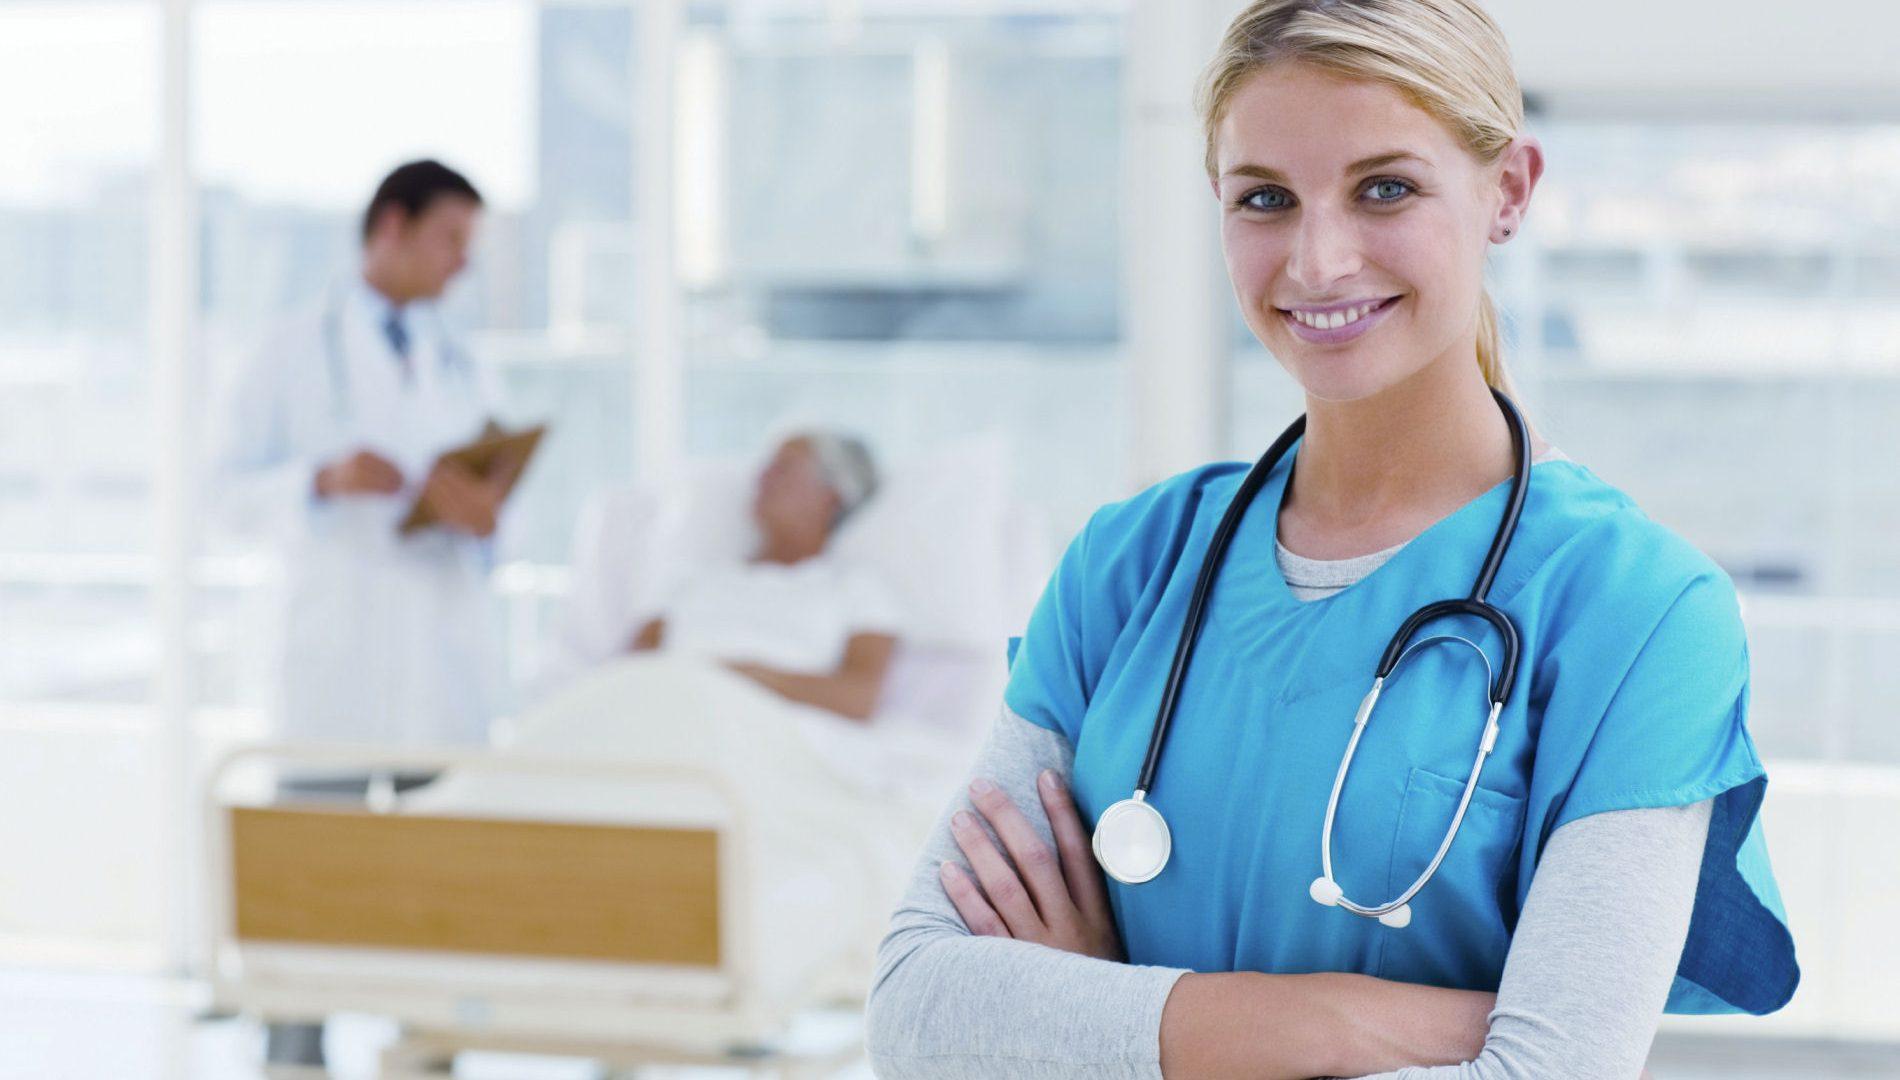 La Top 5 dei Paesi dove un infermiere viene pagato di più